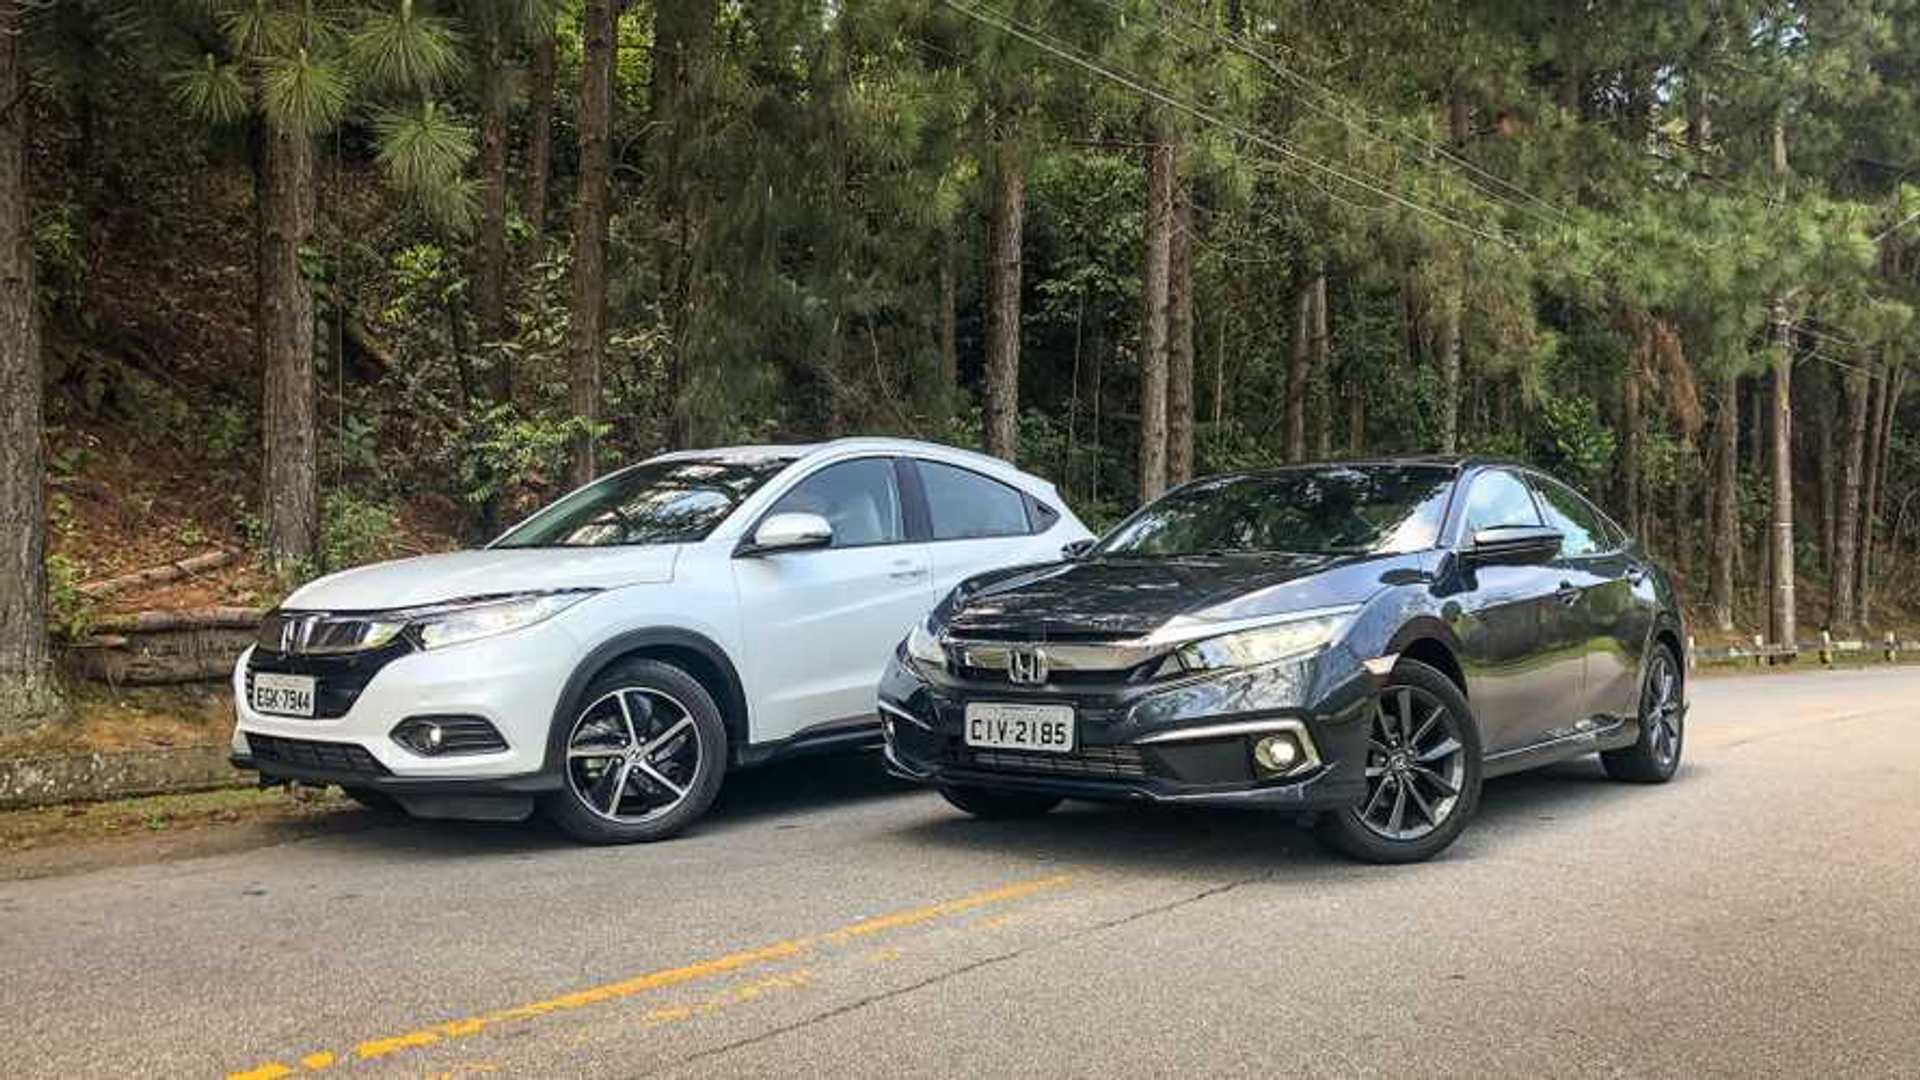 Semana Motor1.com: HR-V x Civic, novos Golf e City, Hilux V6 e mais